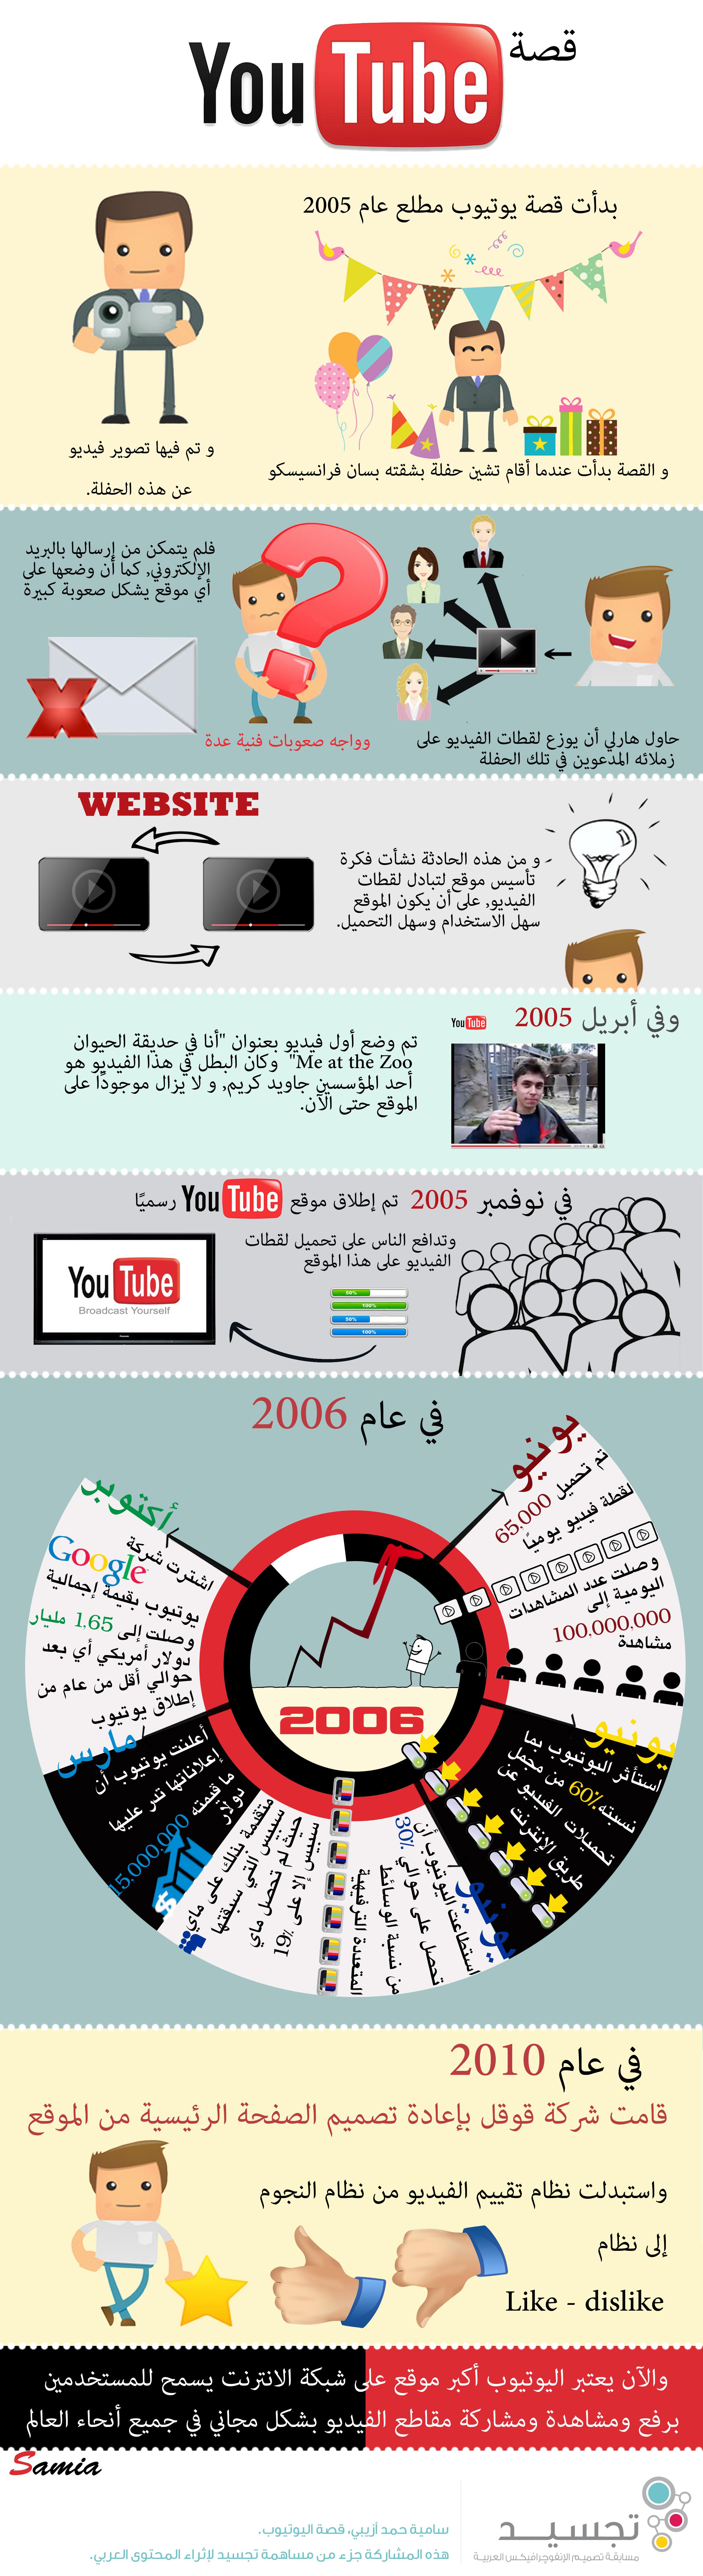 حكاية يوتيوب Social Media Media Communication Infographic